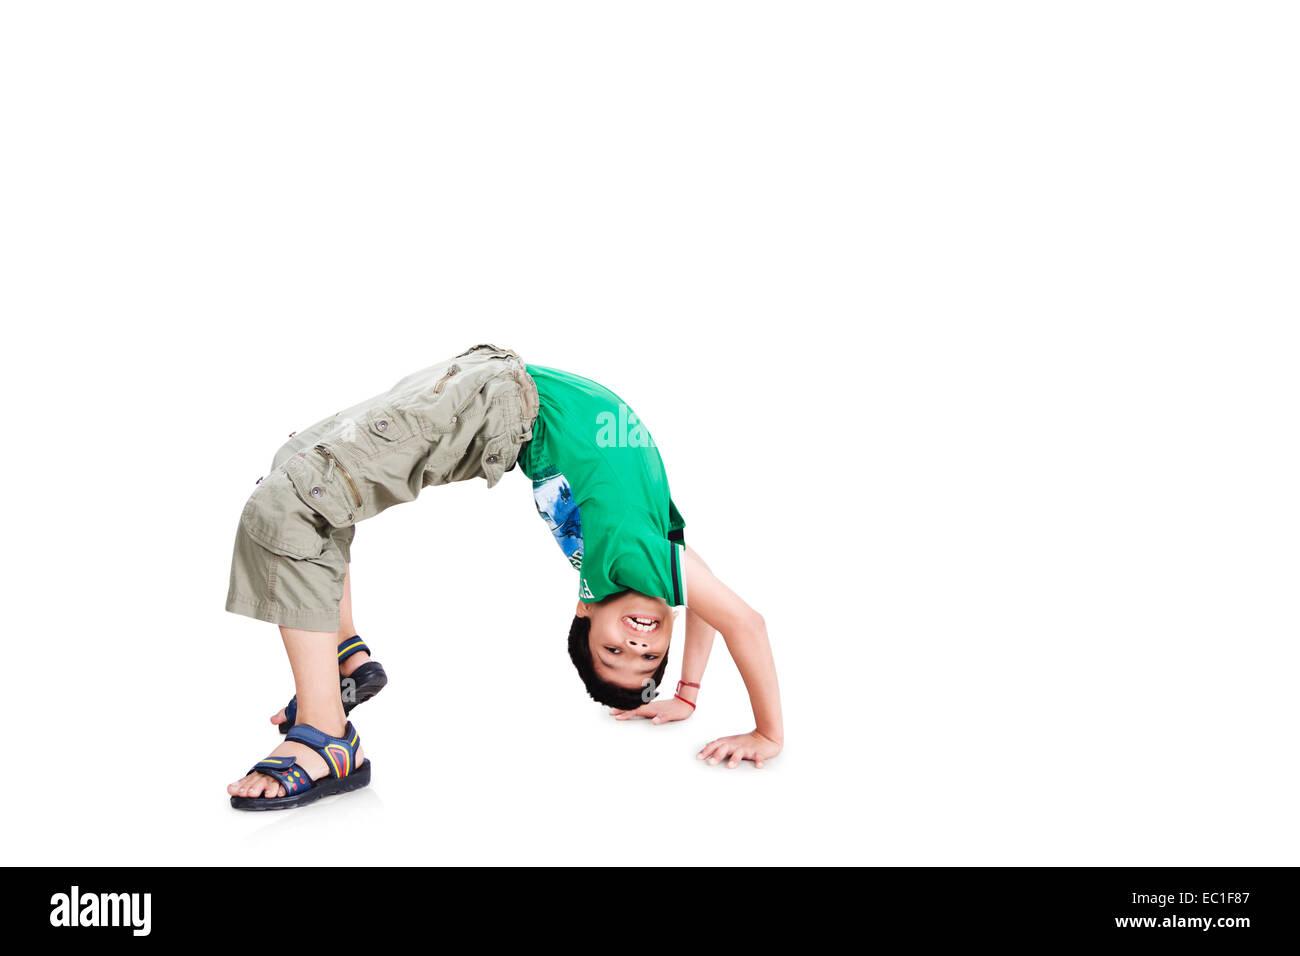 1 indian child boy Stunt - Stock Image